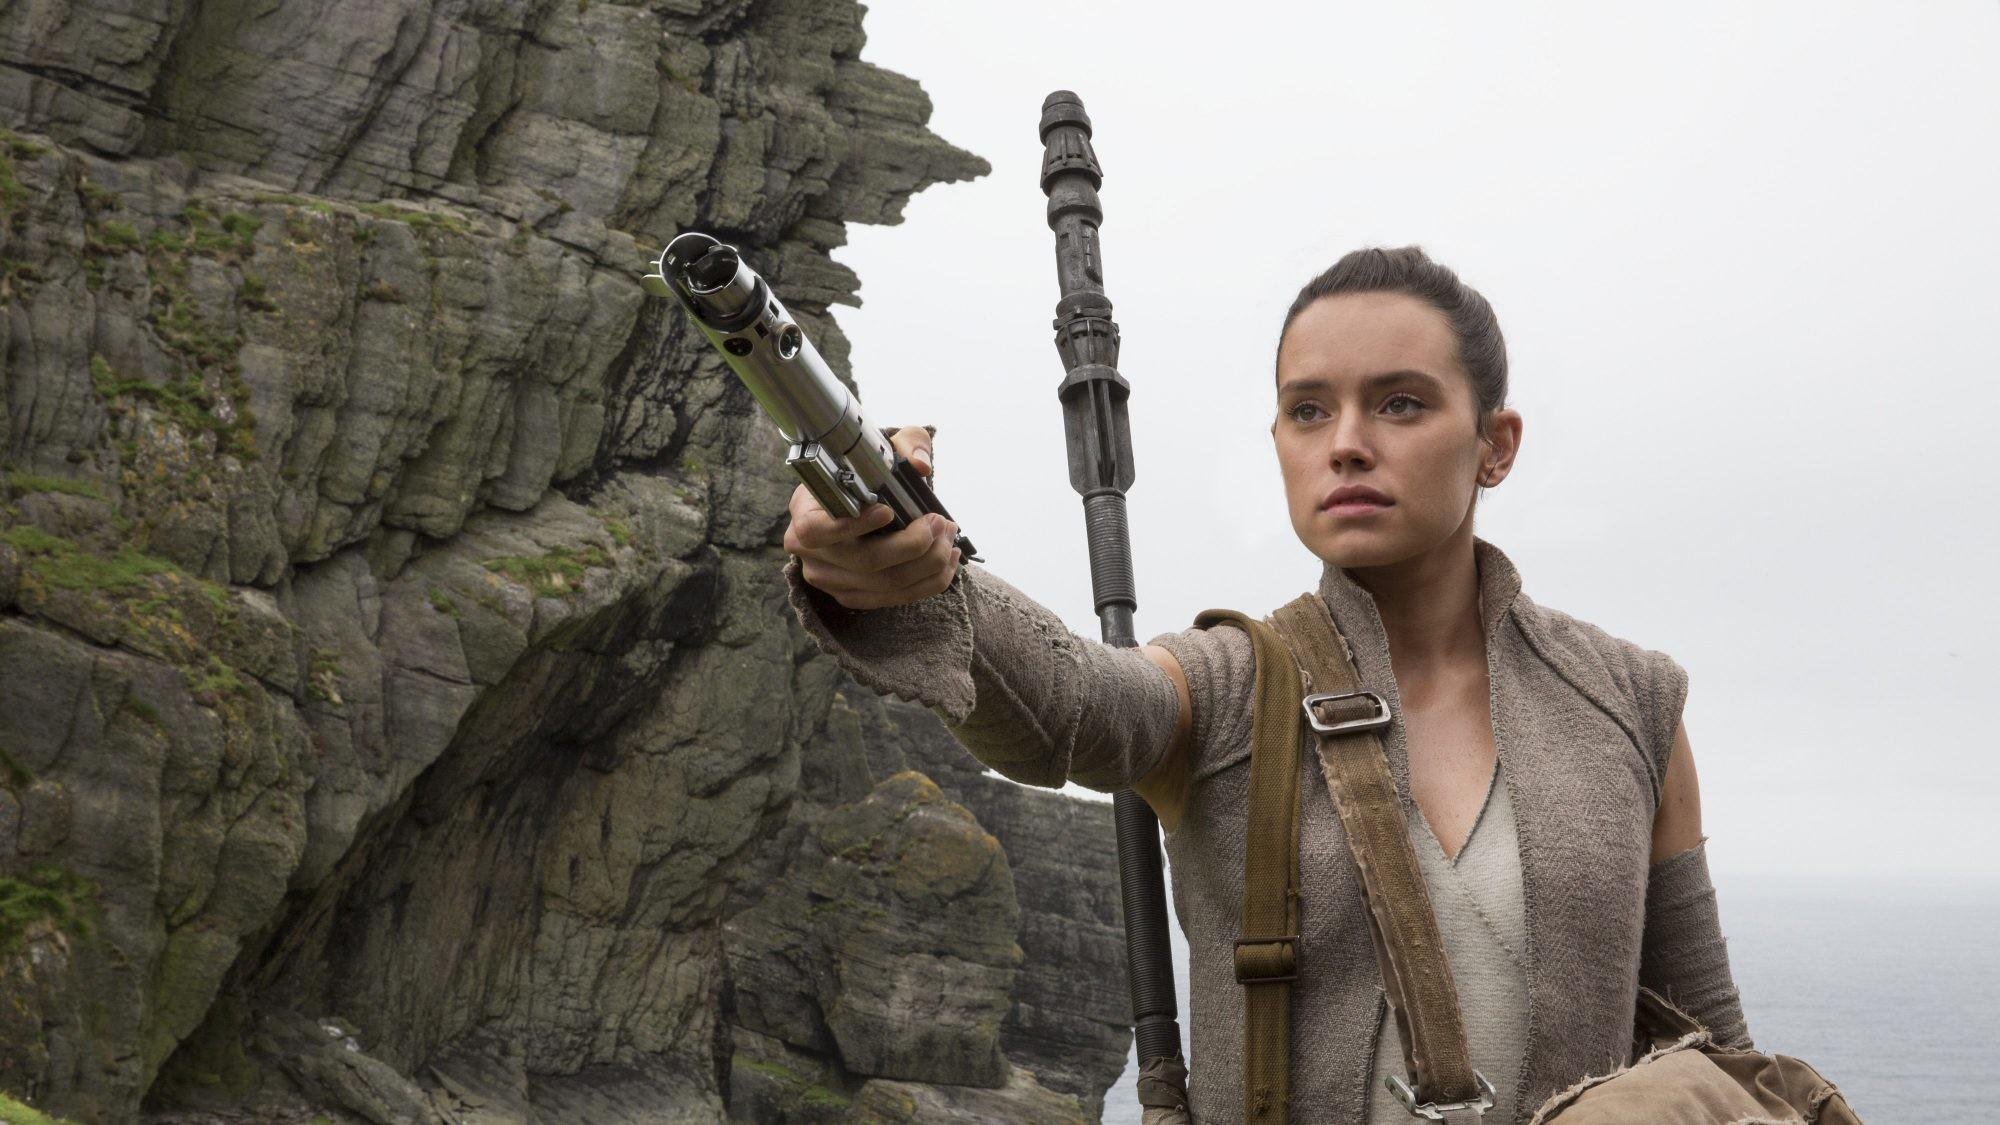 Movie – Star Wars Episode VIII: The Last Jedi Rey (Star Wars) Daisy